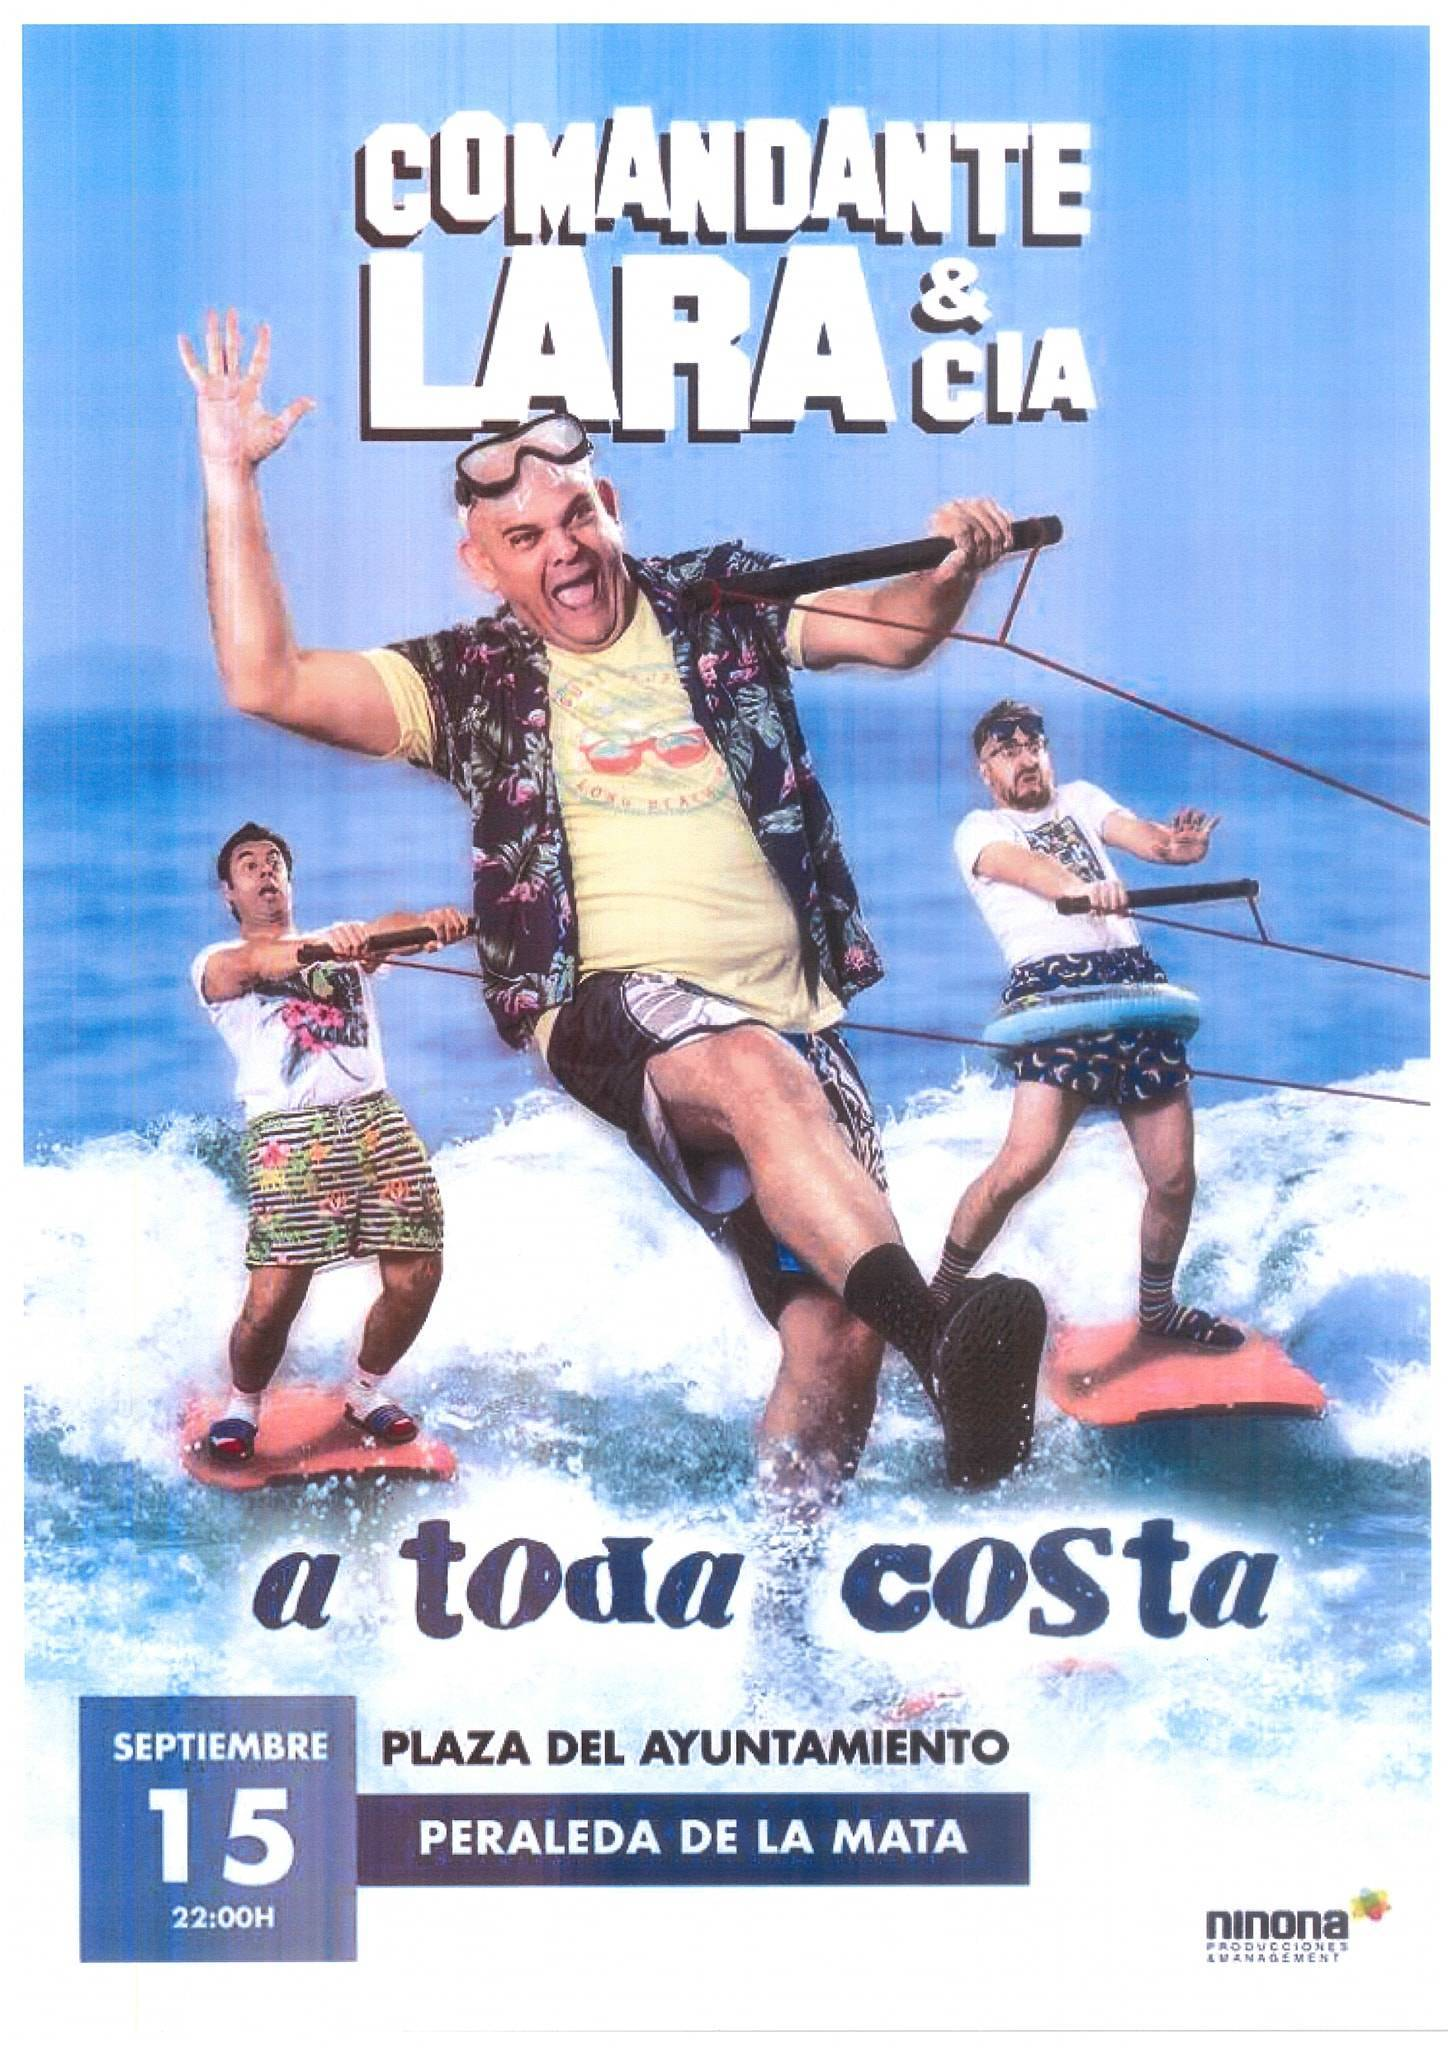 Comandante Lara & Cía (2020) - Peraleda de la Mata (Cáceres)